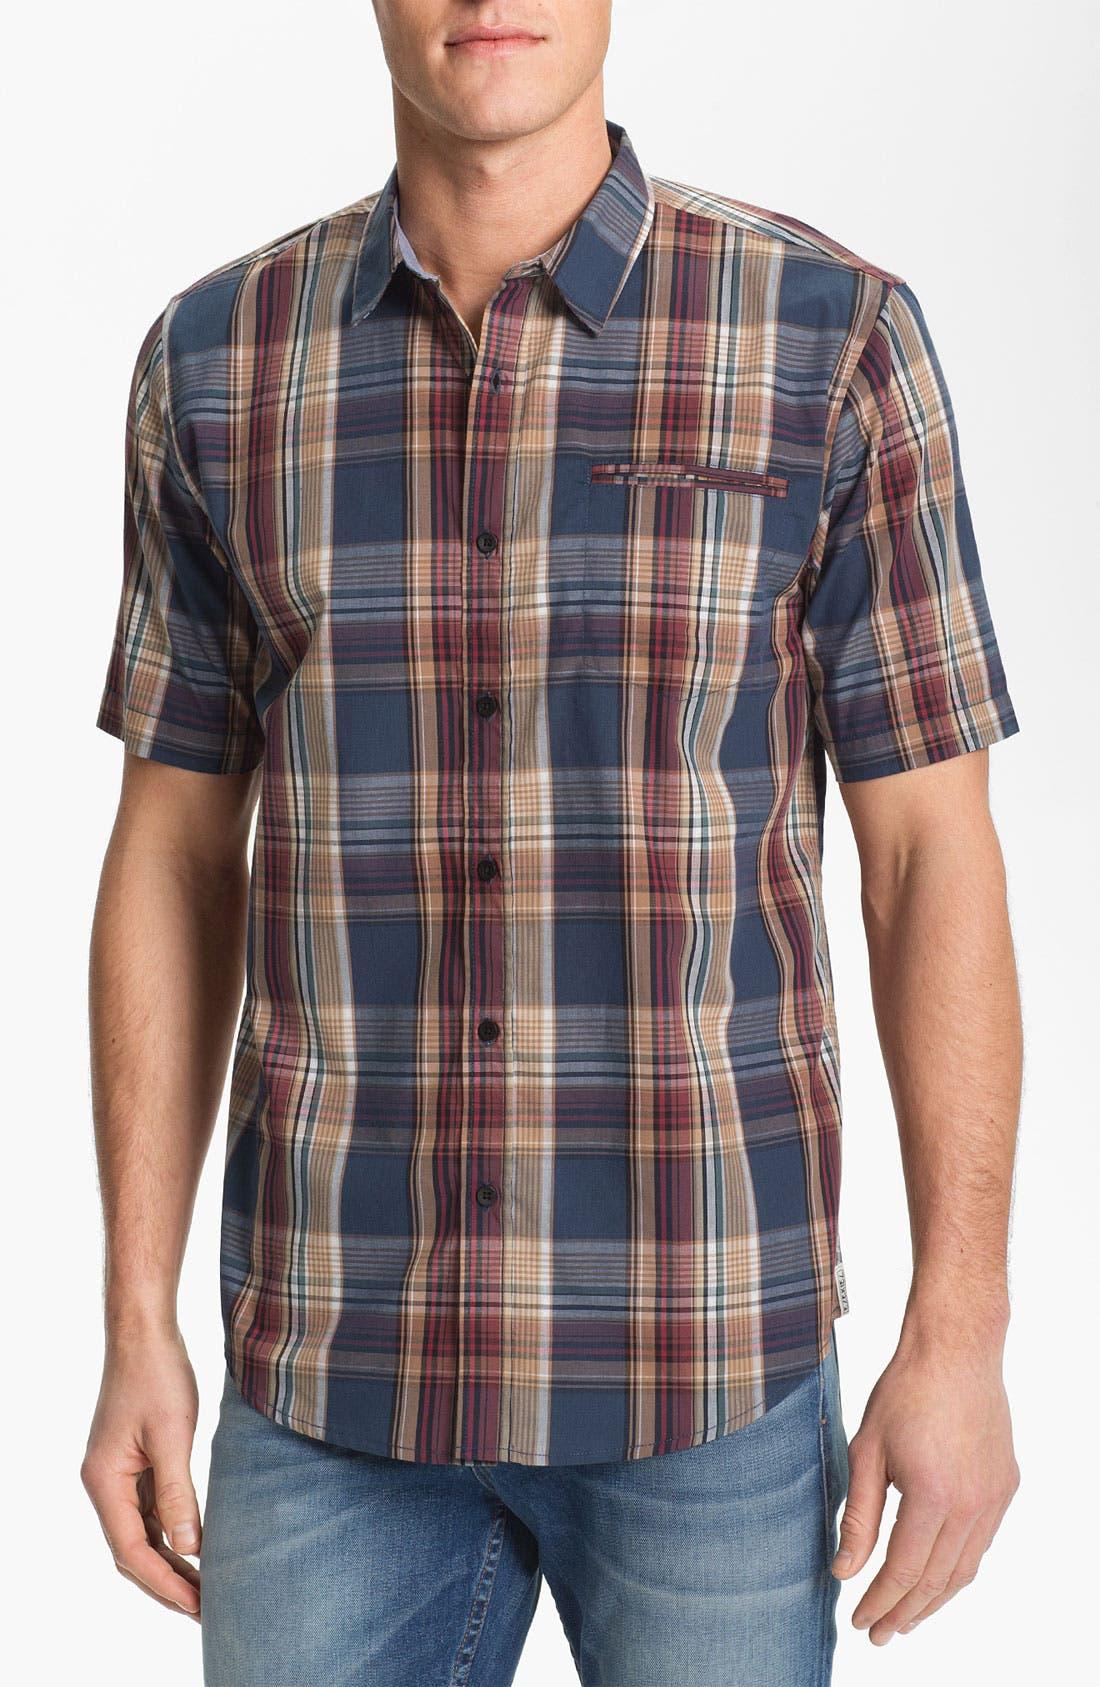 Main Image - Ezekiel 'Collins' Plaid Woven Shirt